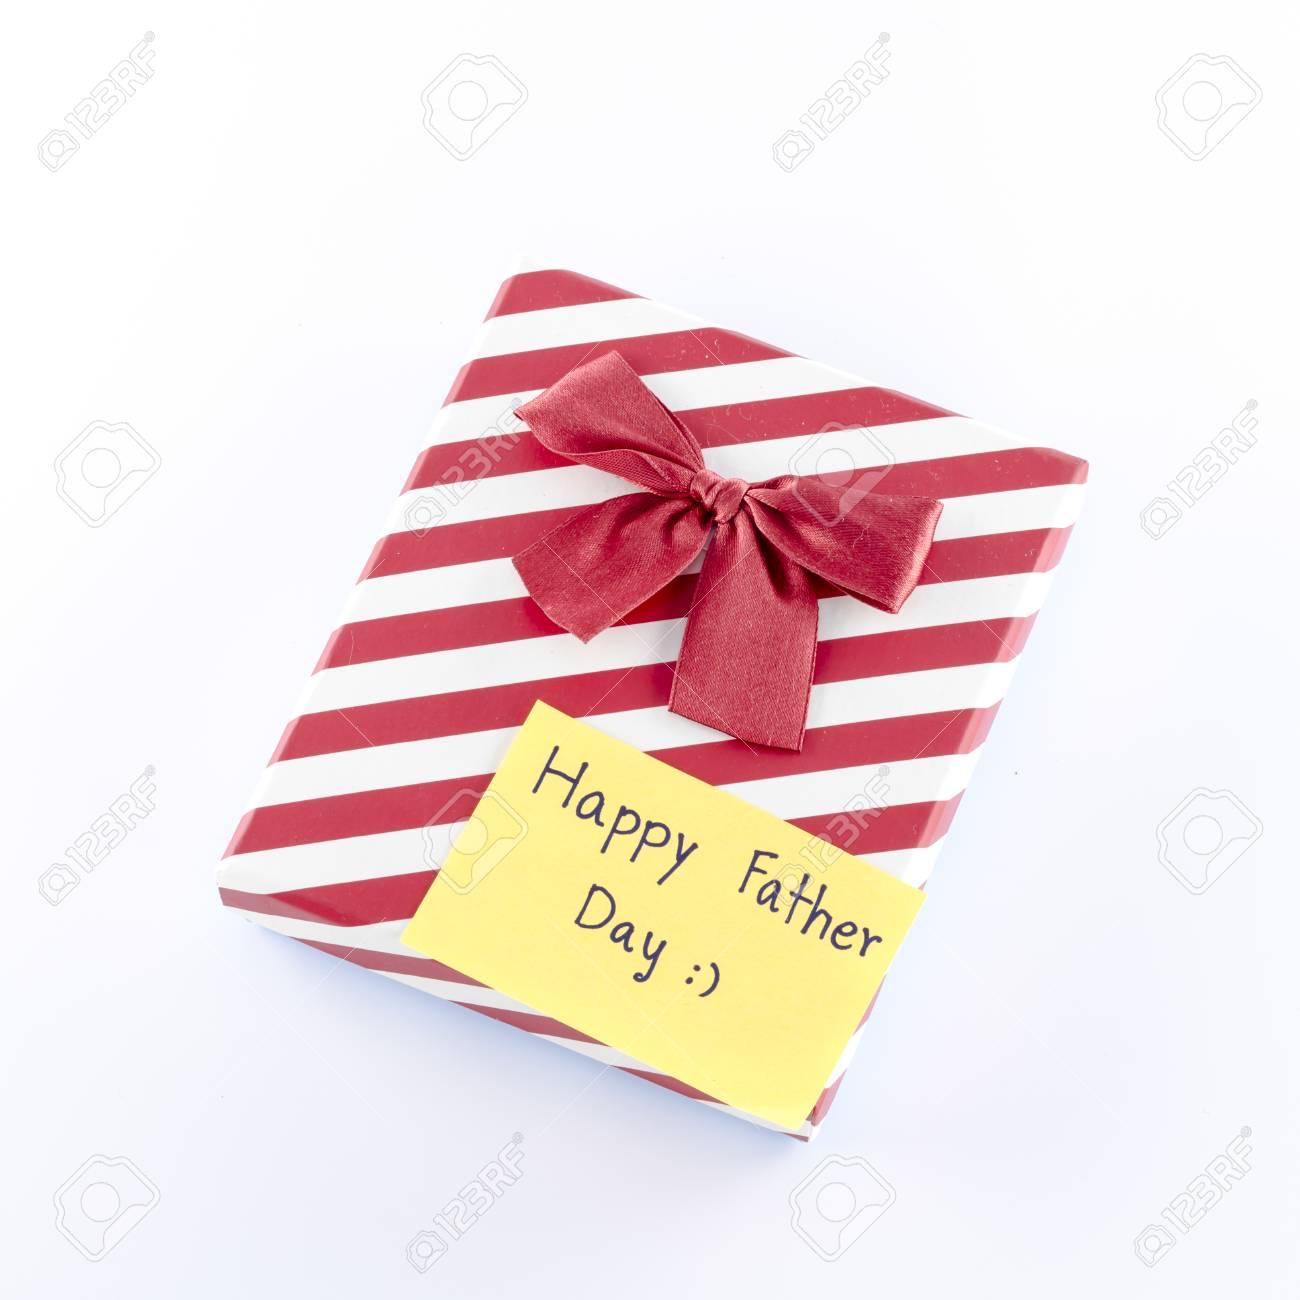 Geschenk-Box Mit Karte-Tag Zu Schreiben Glücklich Fathe Tag Wort Auf ...